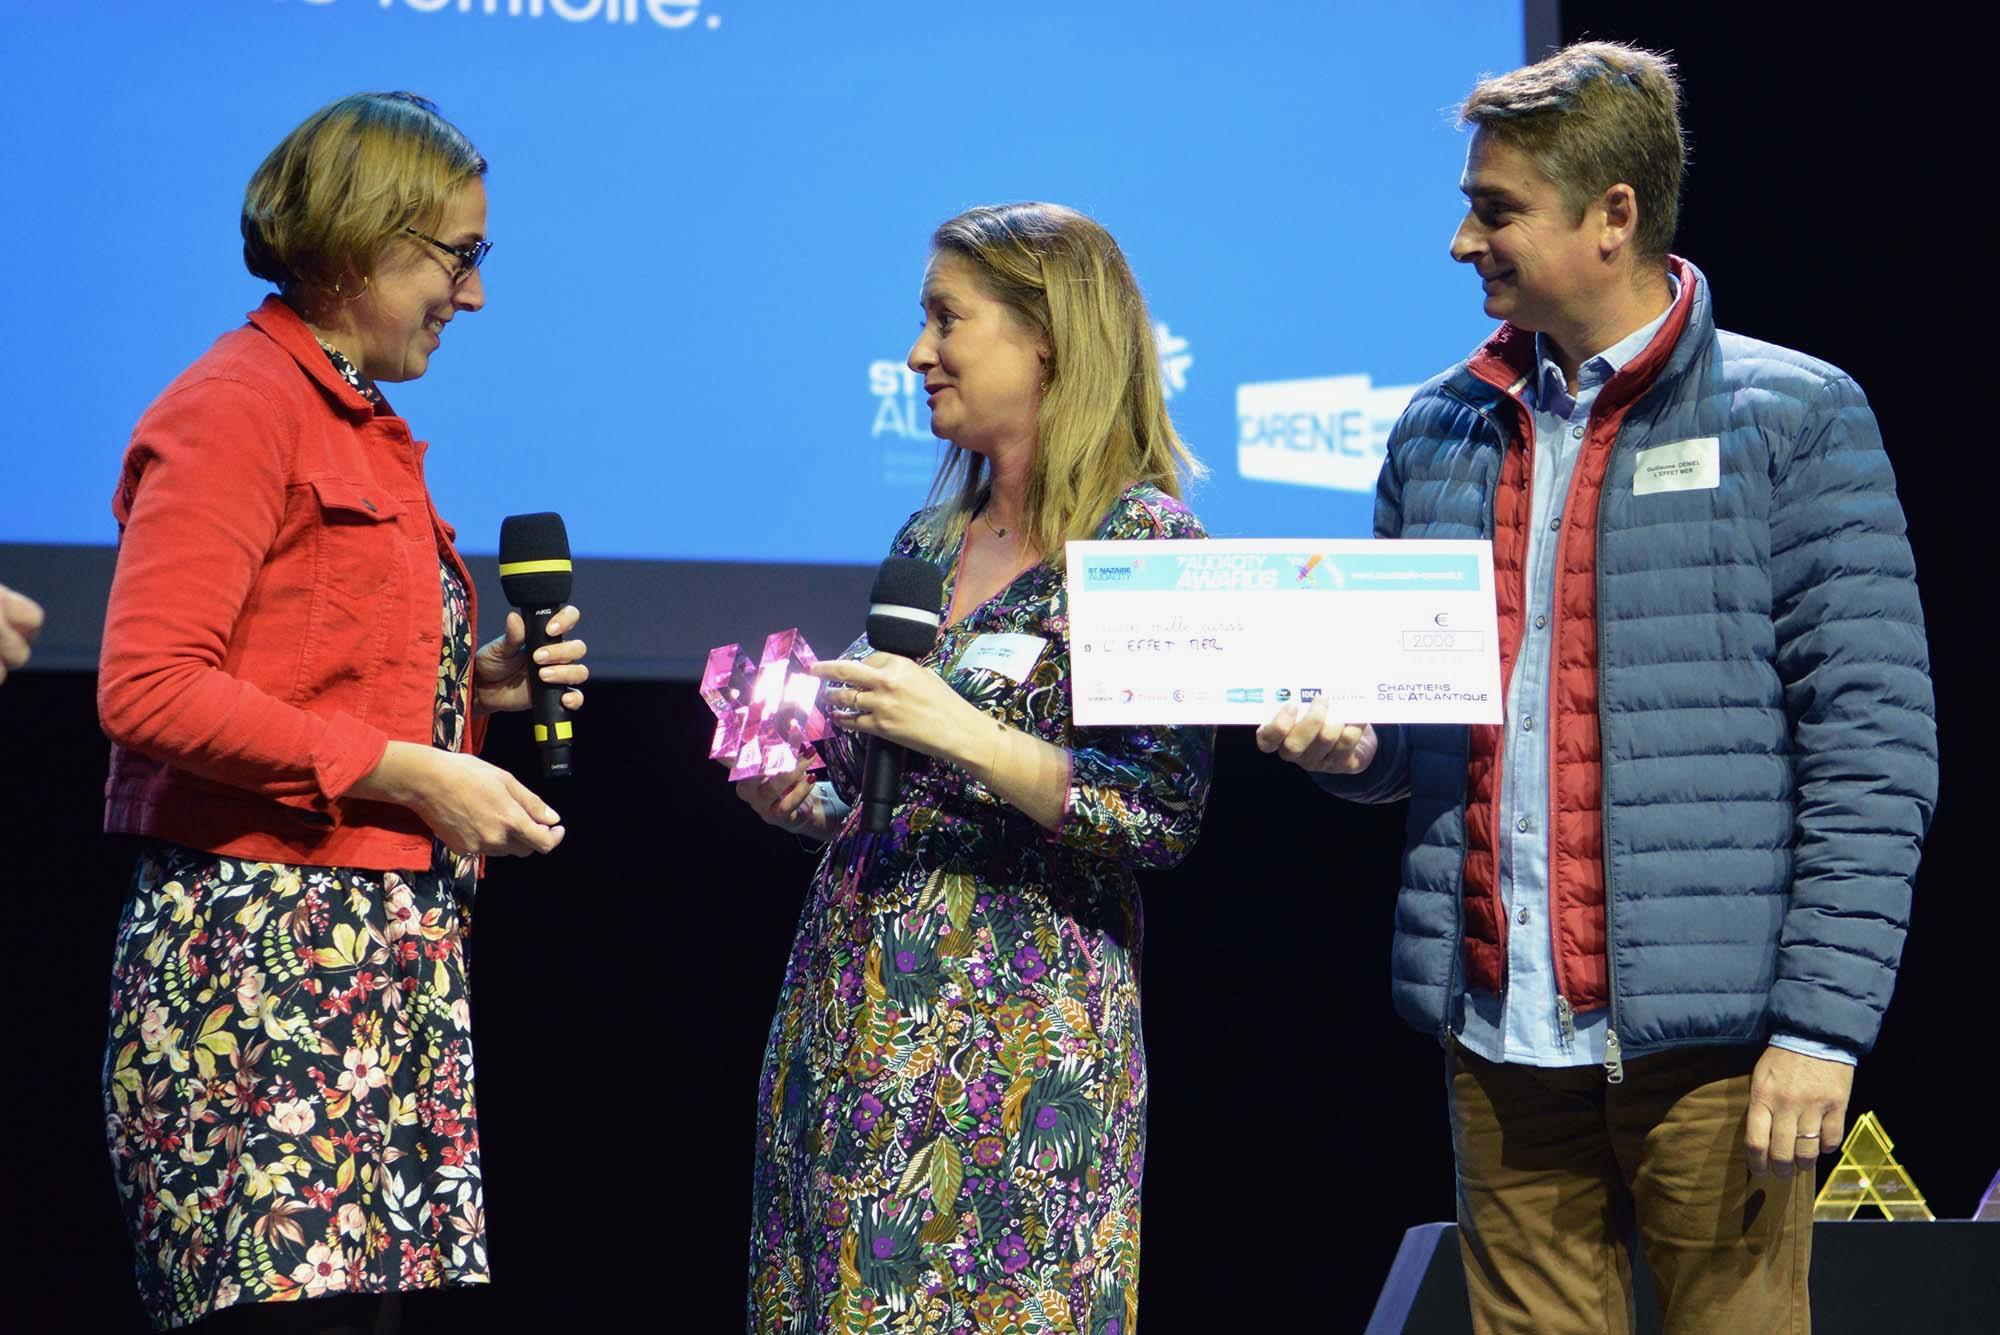 Le trophée Services innovants a été remis par remis par Laëtitia Guilloton des Chantiers de l'Atlantique.